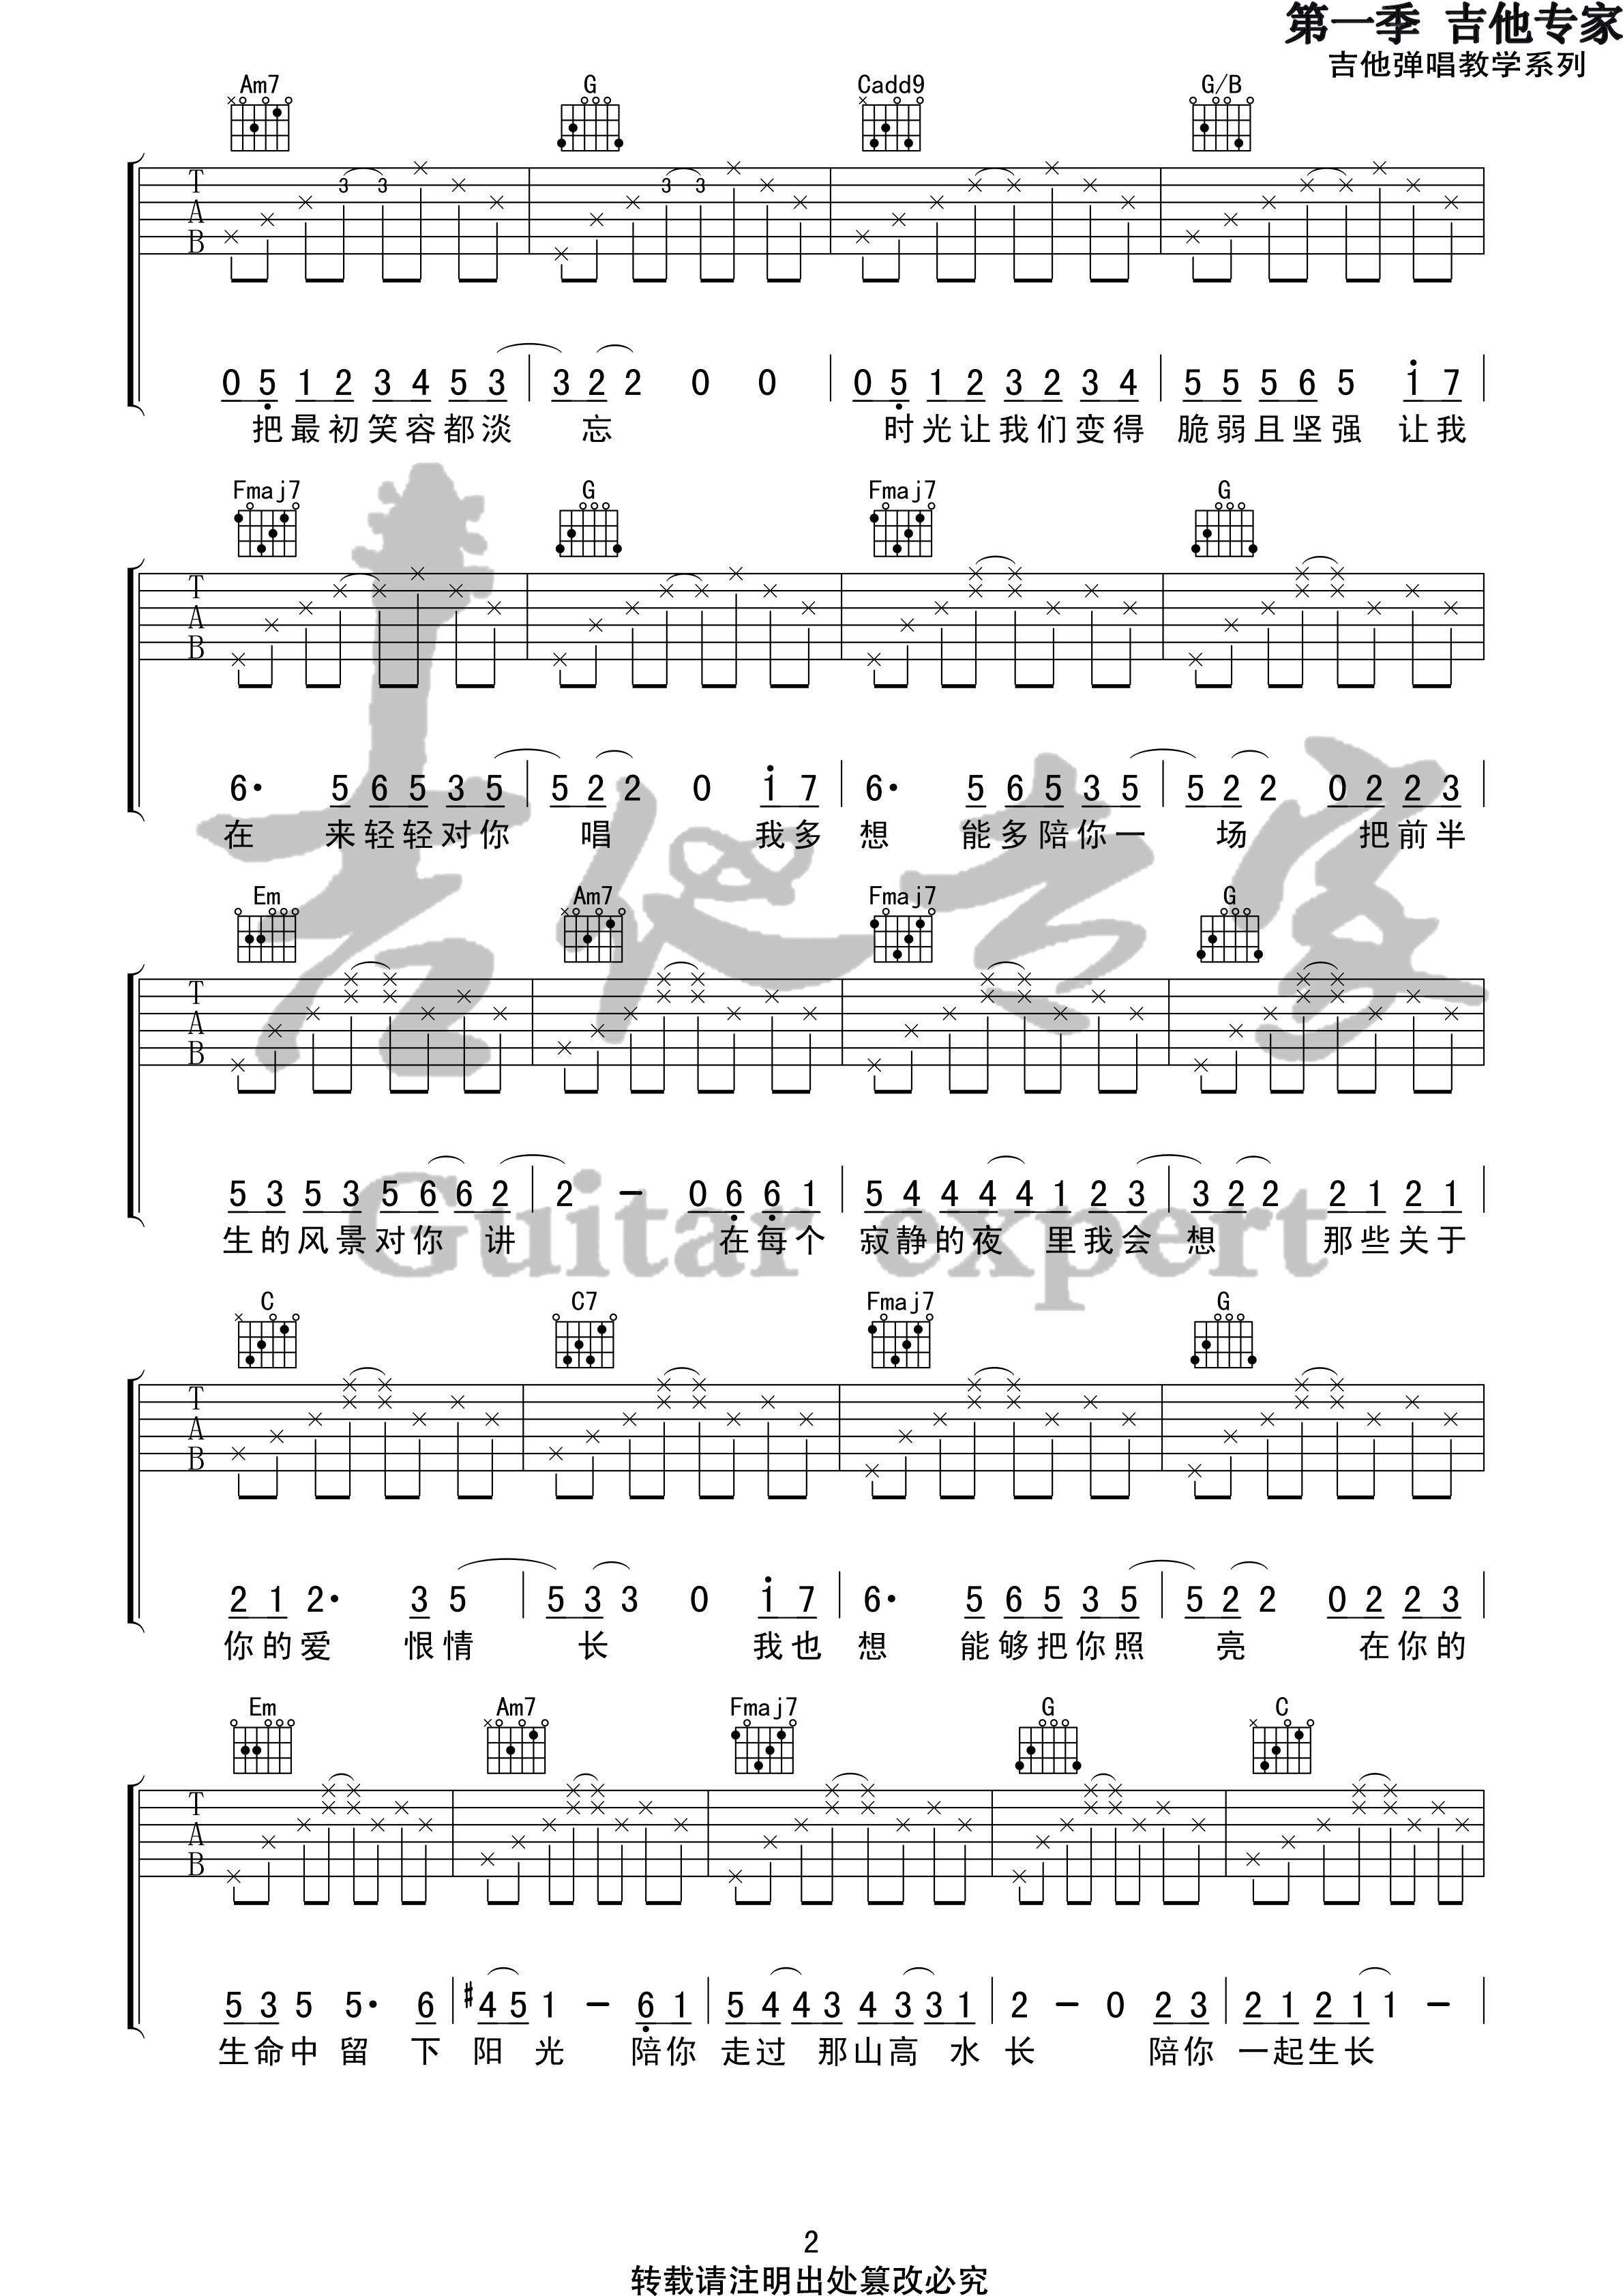 吉他派《这一生关于你的风景》吉他谱-2